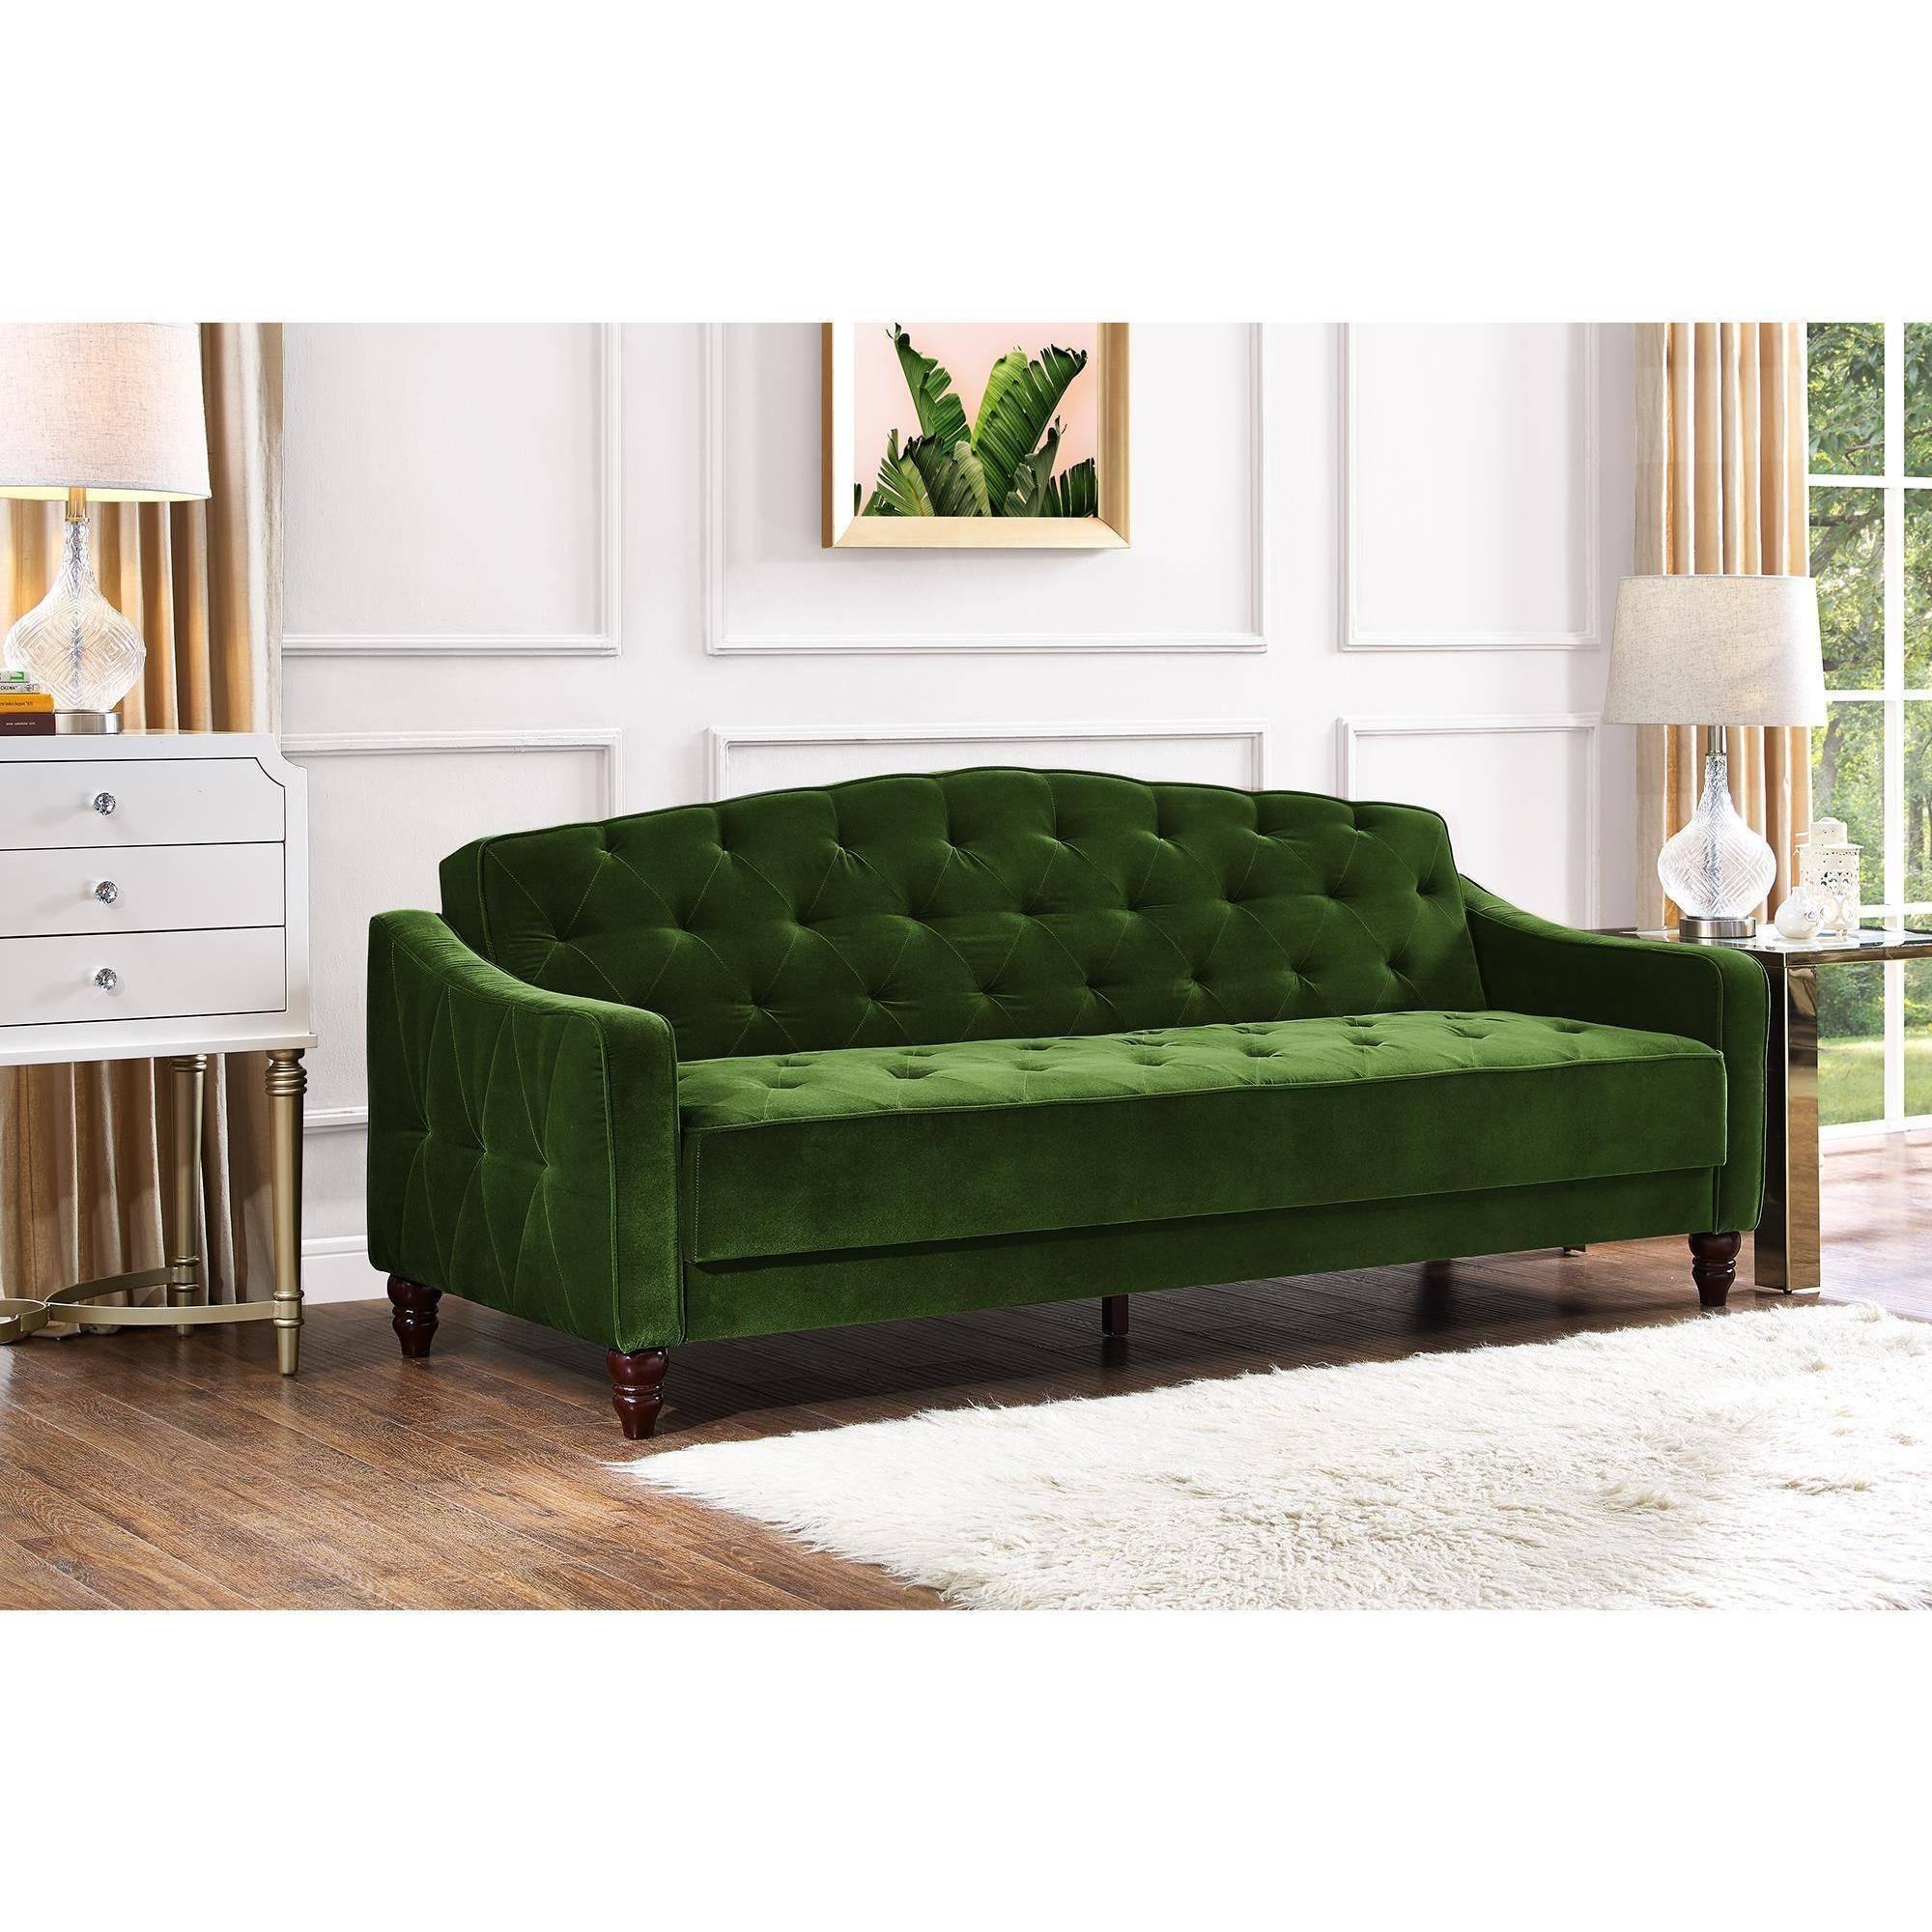 Novogratz Vintage Tufted Sofa Sleeper Ii, Multiple Colors regarding Blue Tufted Sofas (Image 23 of 30)